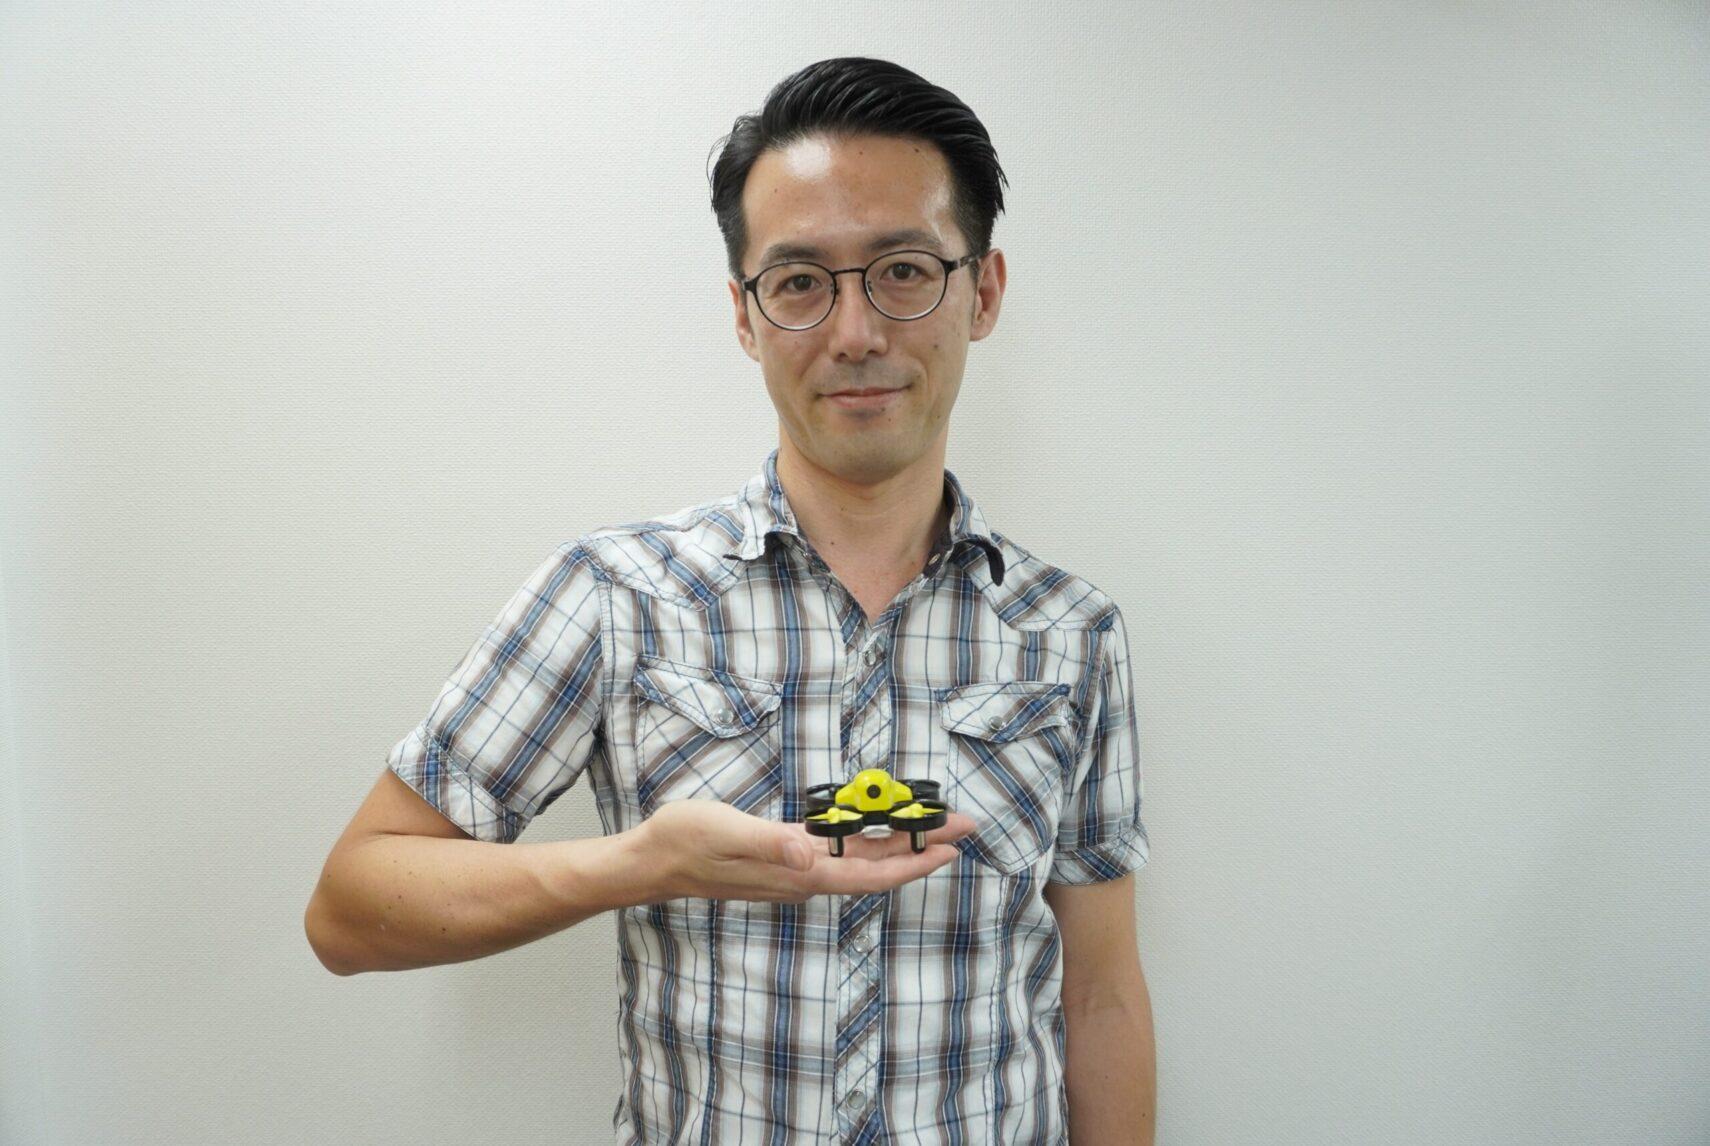 株式会社ワールドスキャンプロジェクト 管理部 新井大和さん